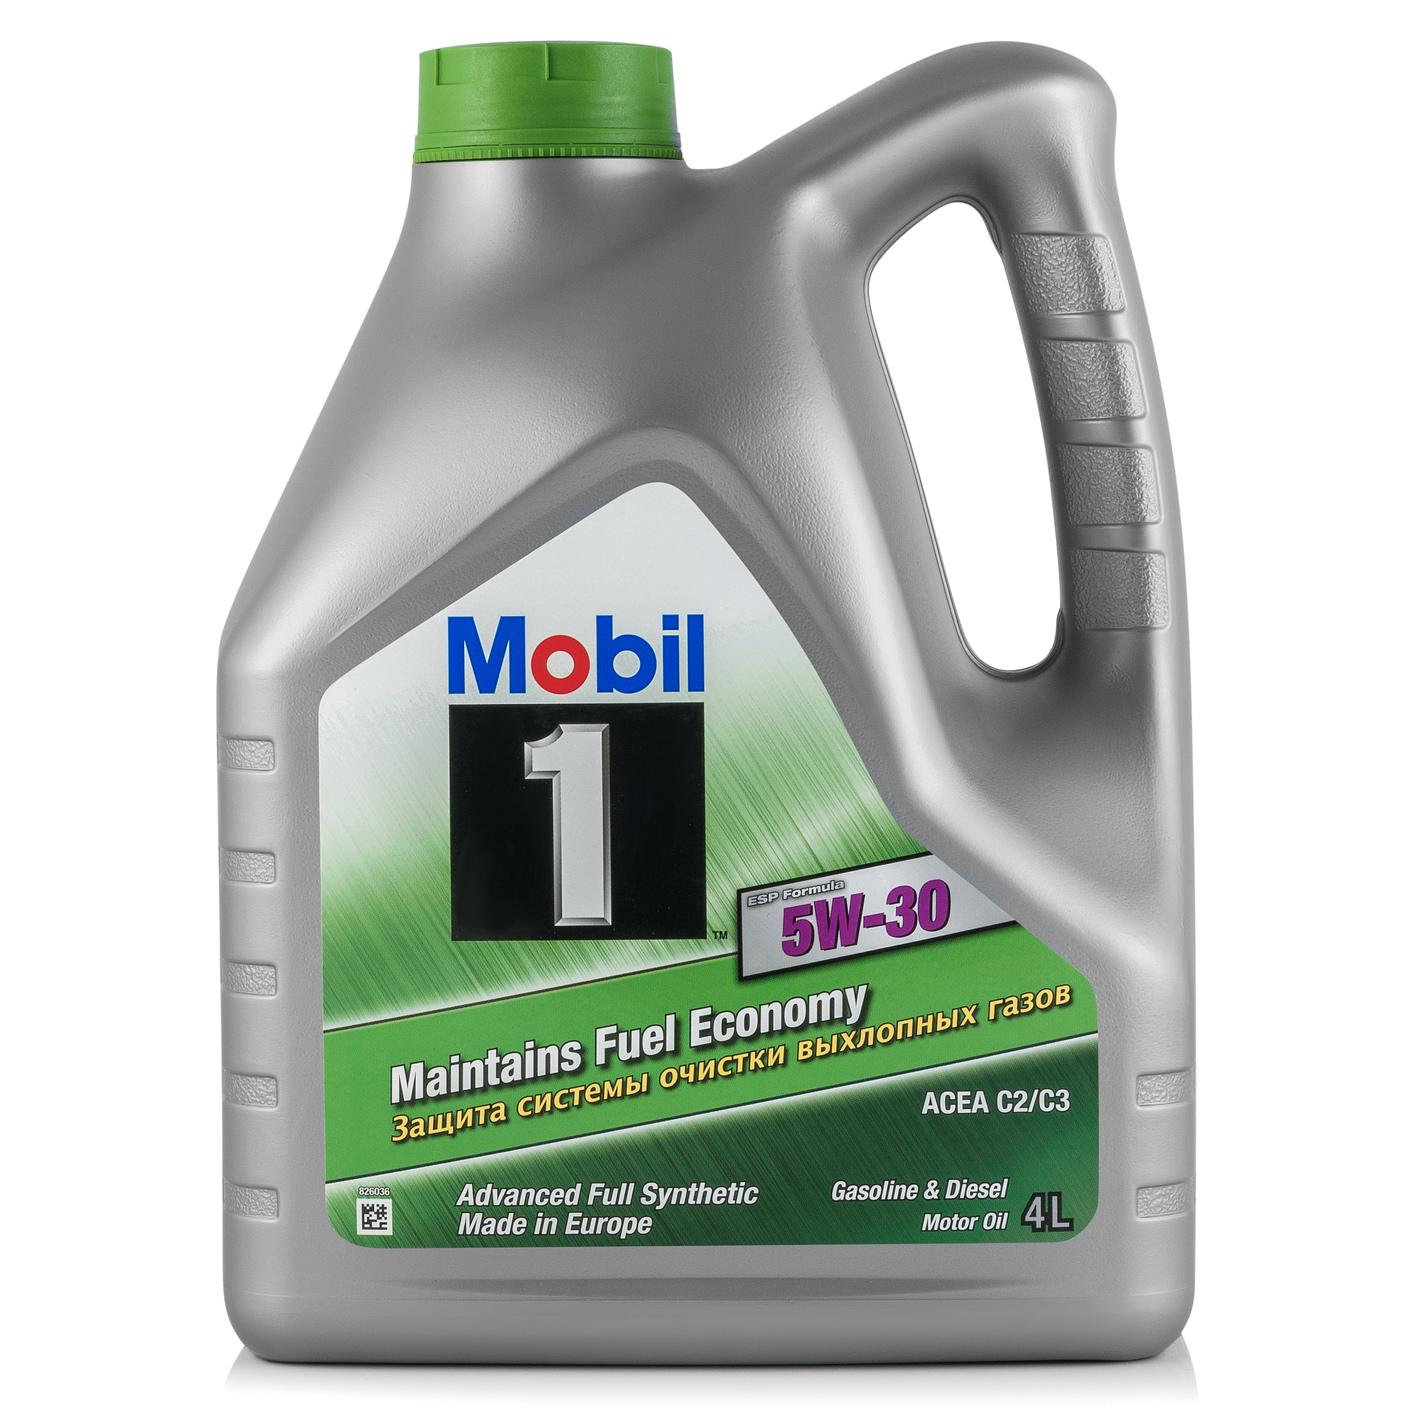 Моторне масло 1 ESP 5W-30 5W-30 4 л MOBIL 152053.